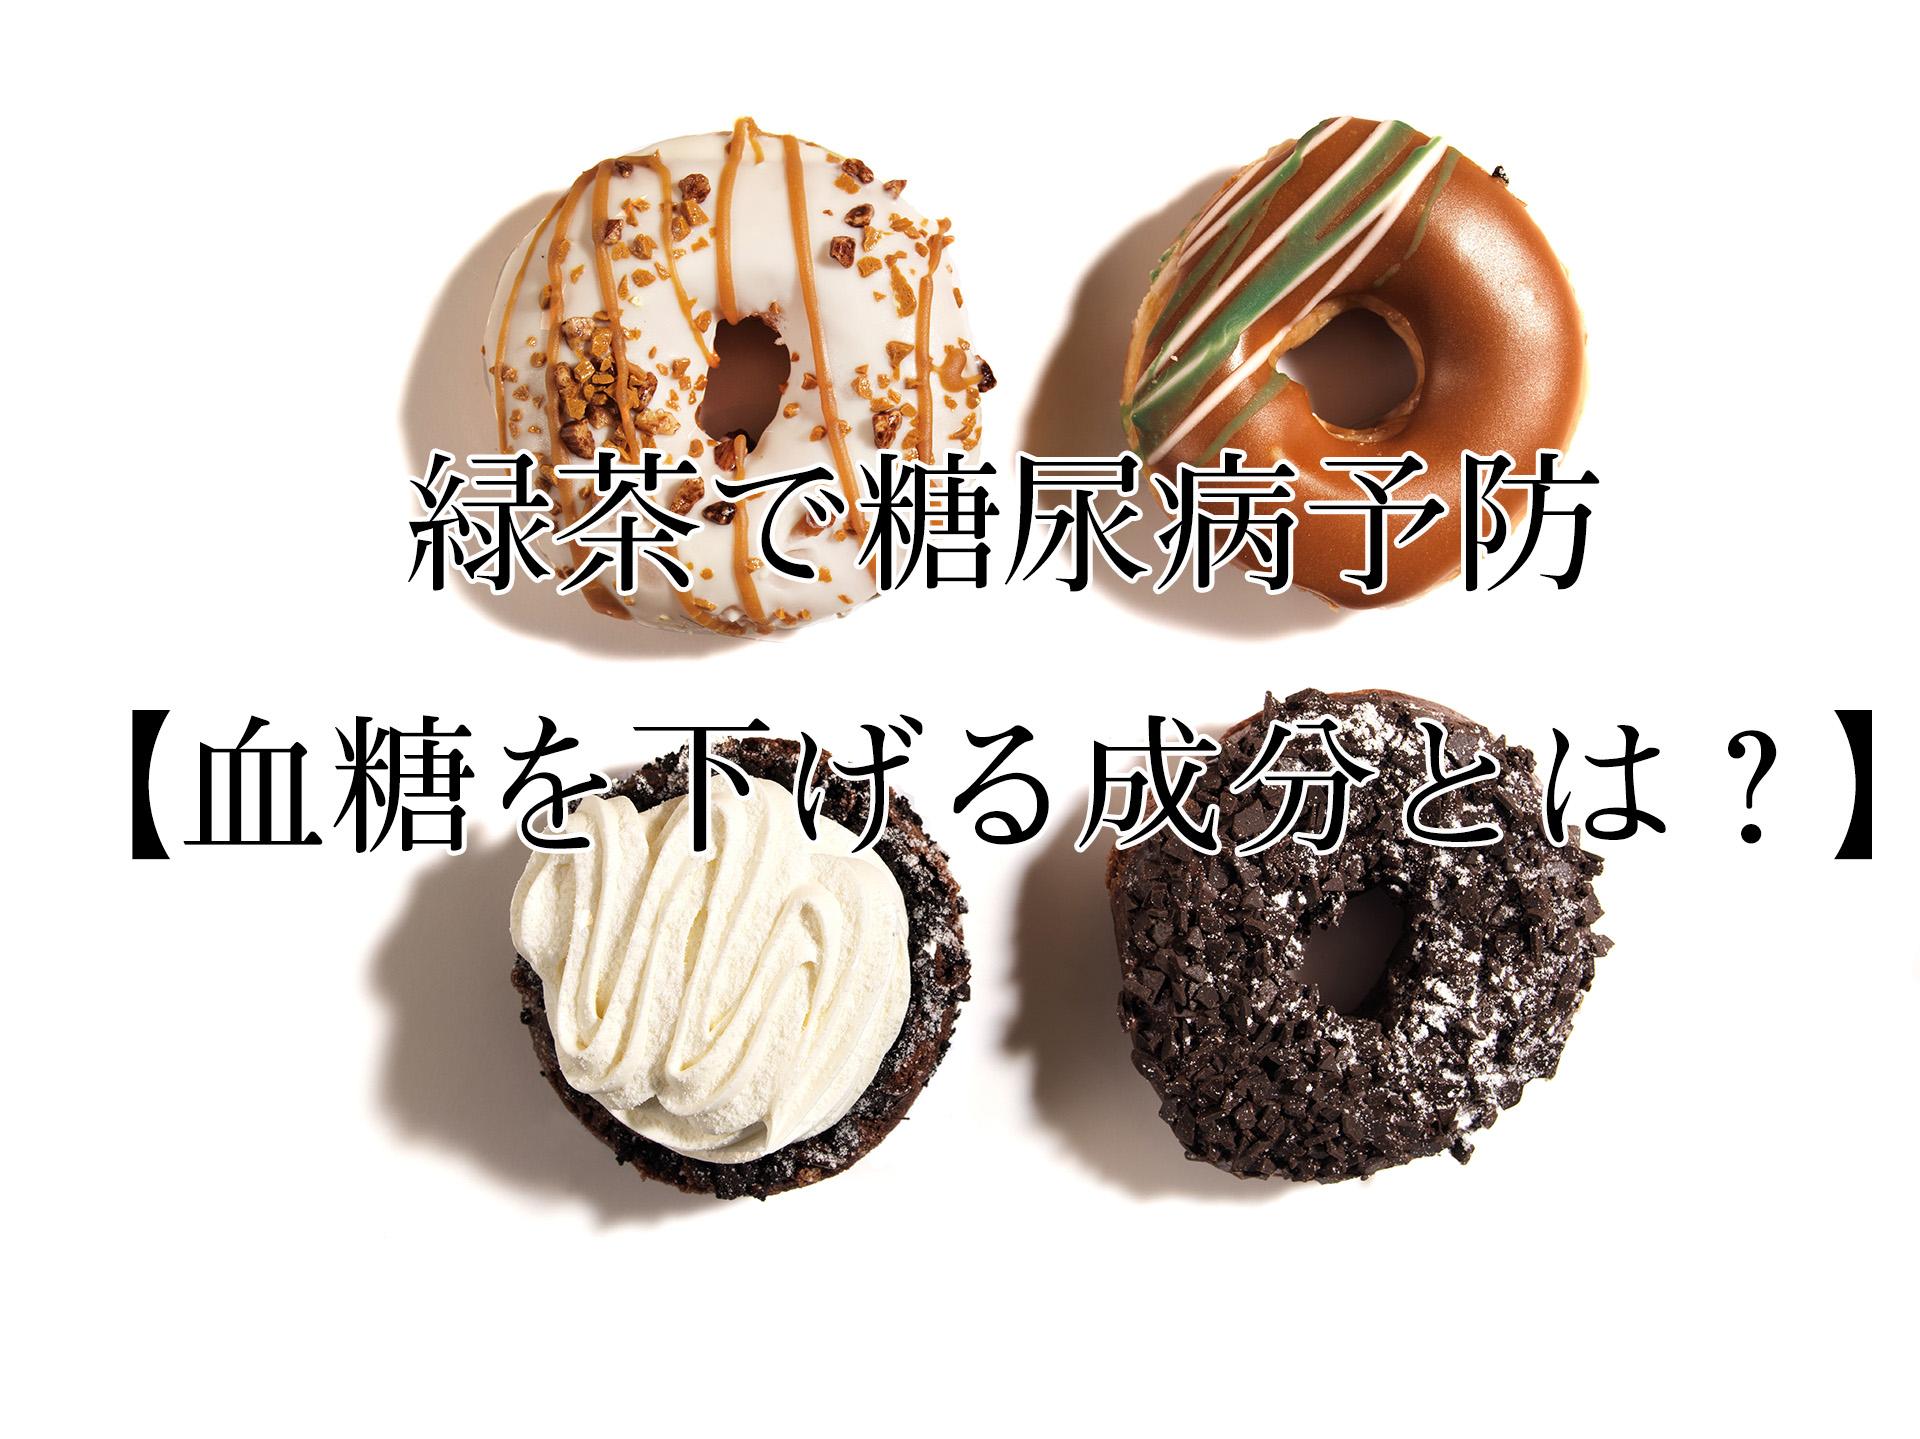 緑茶で糖尿病予防【血糖を下げる成分とは?】